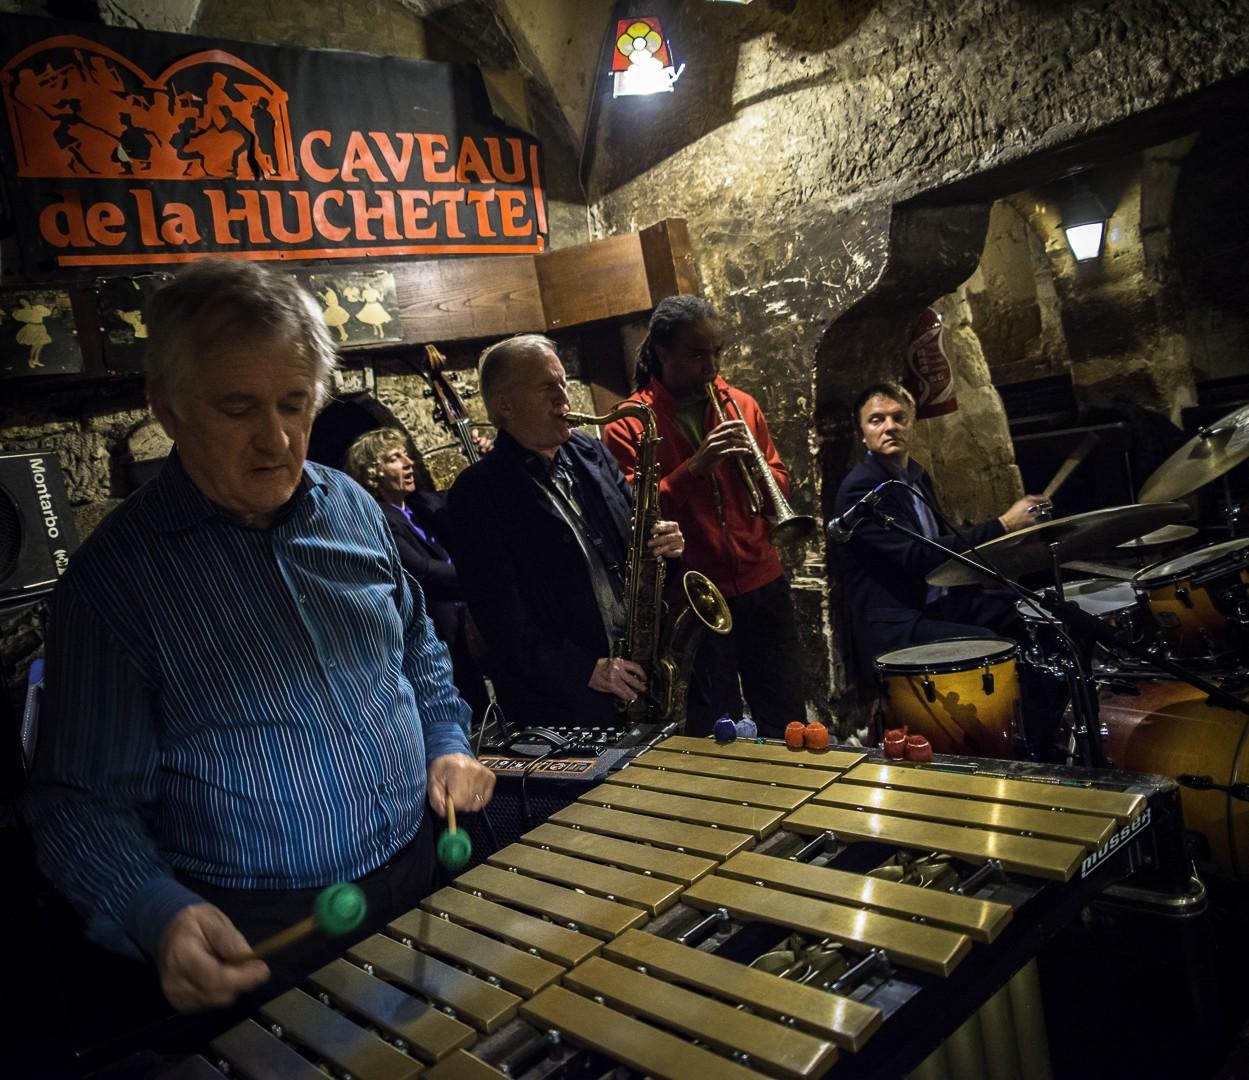 festival-caveau-de-la-huchette-a-paris